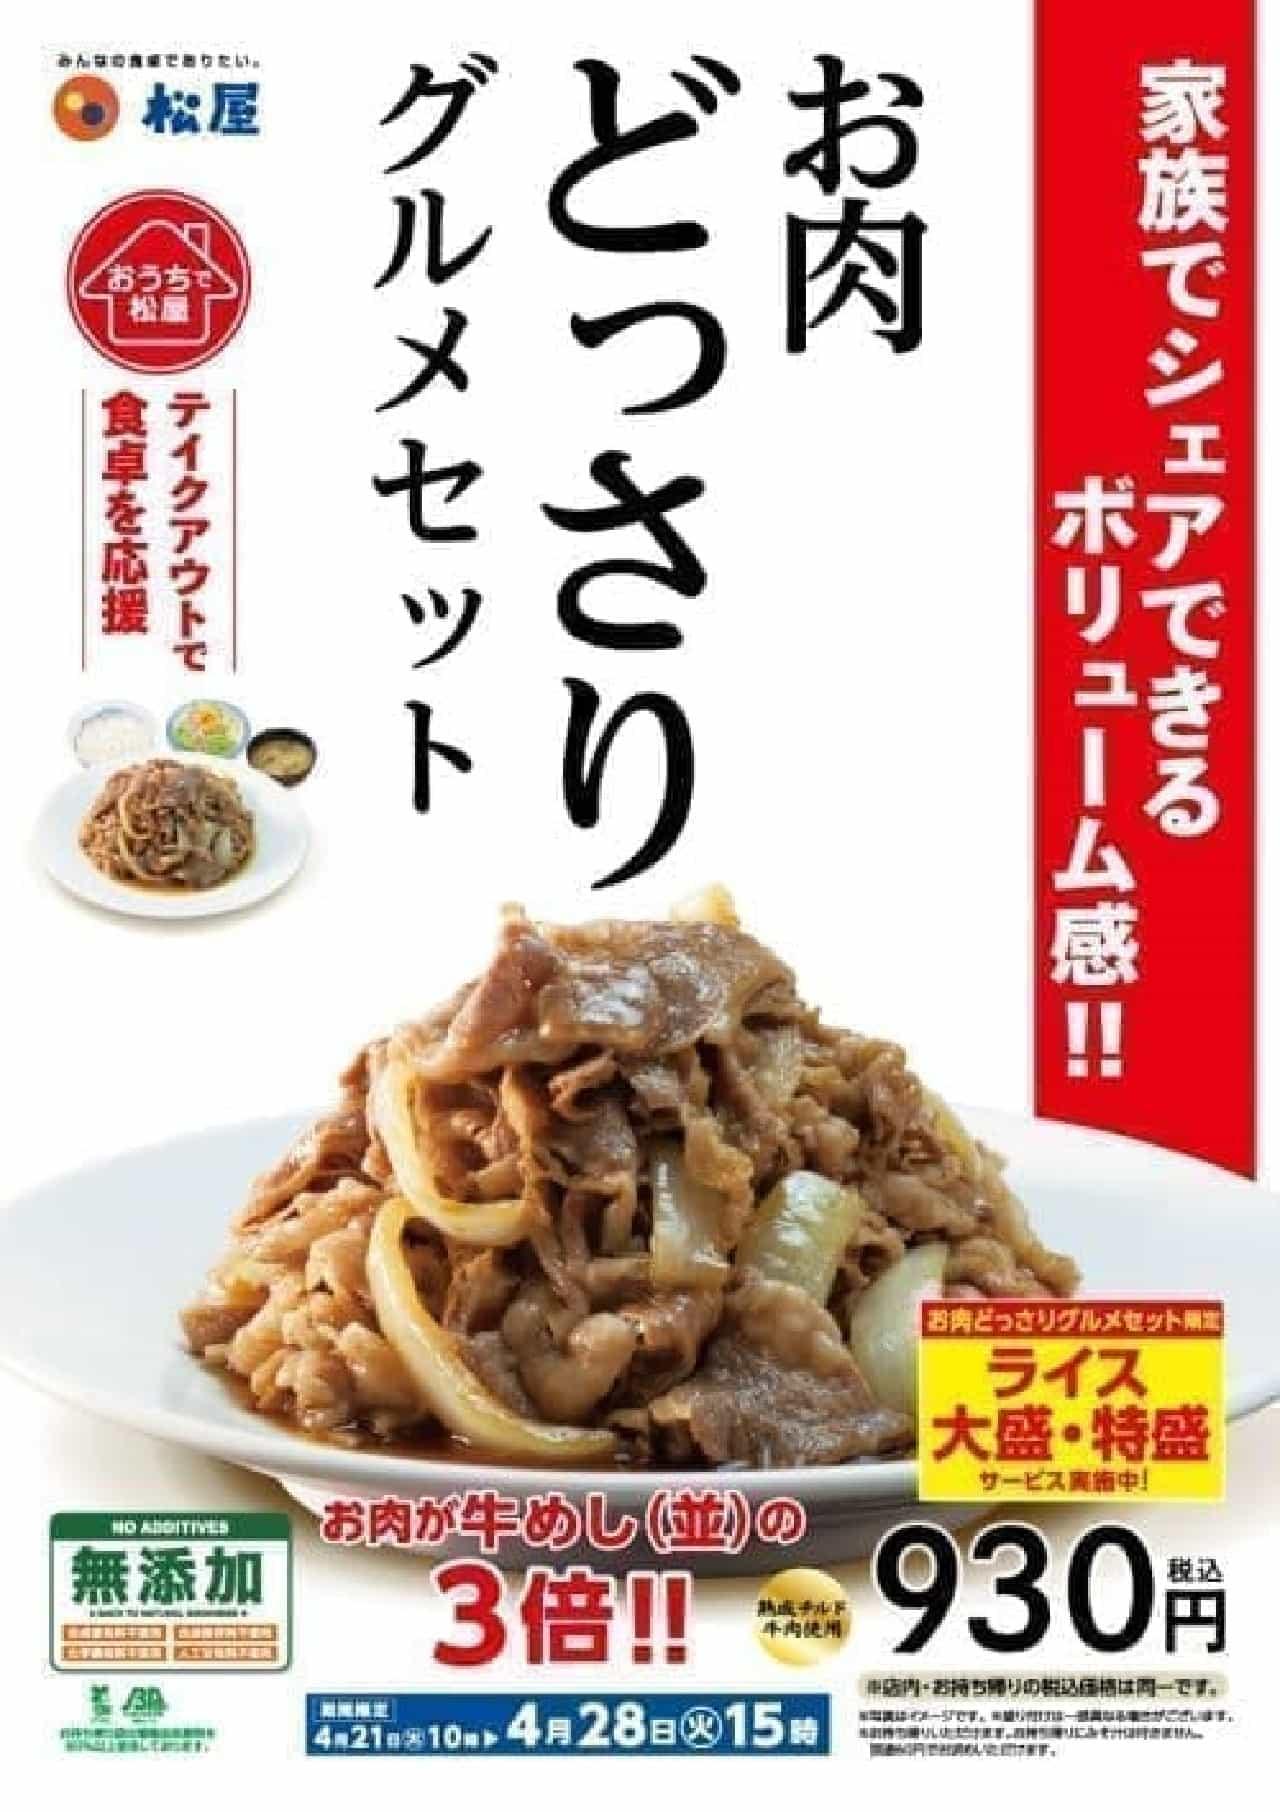 松屋「お肉どっさりグルメセット」